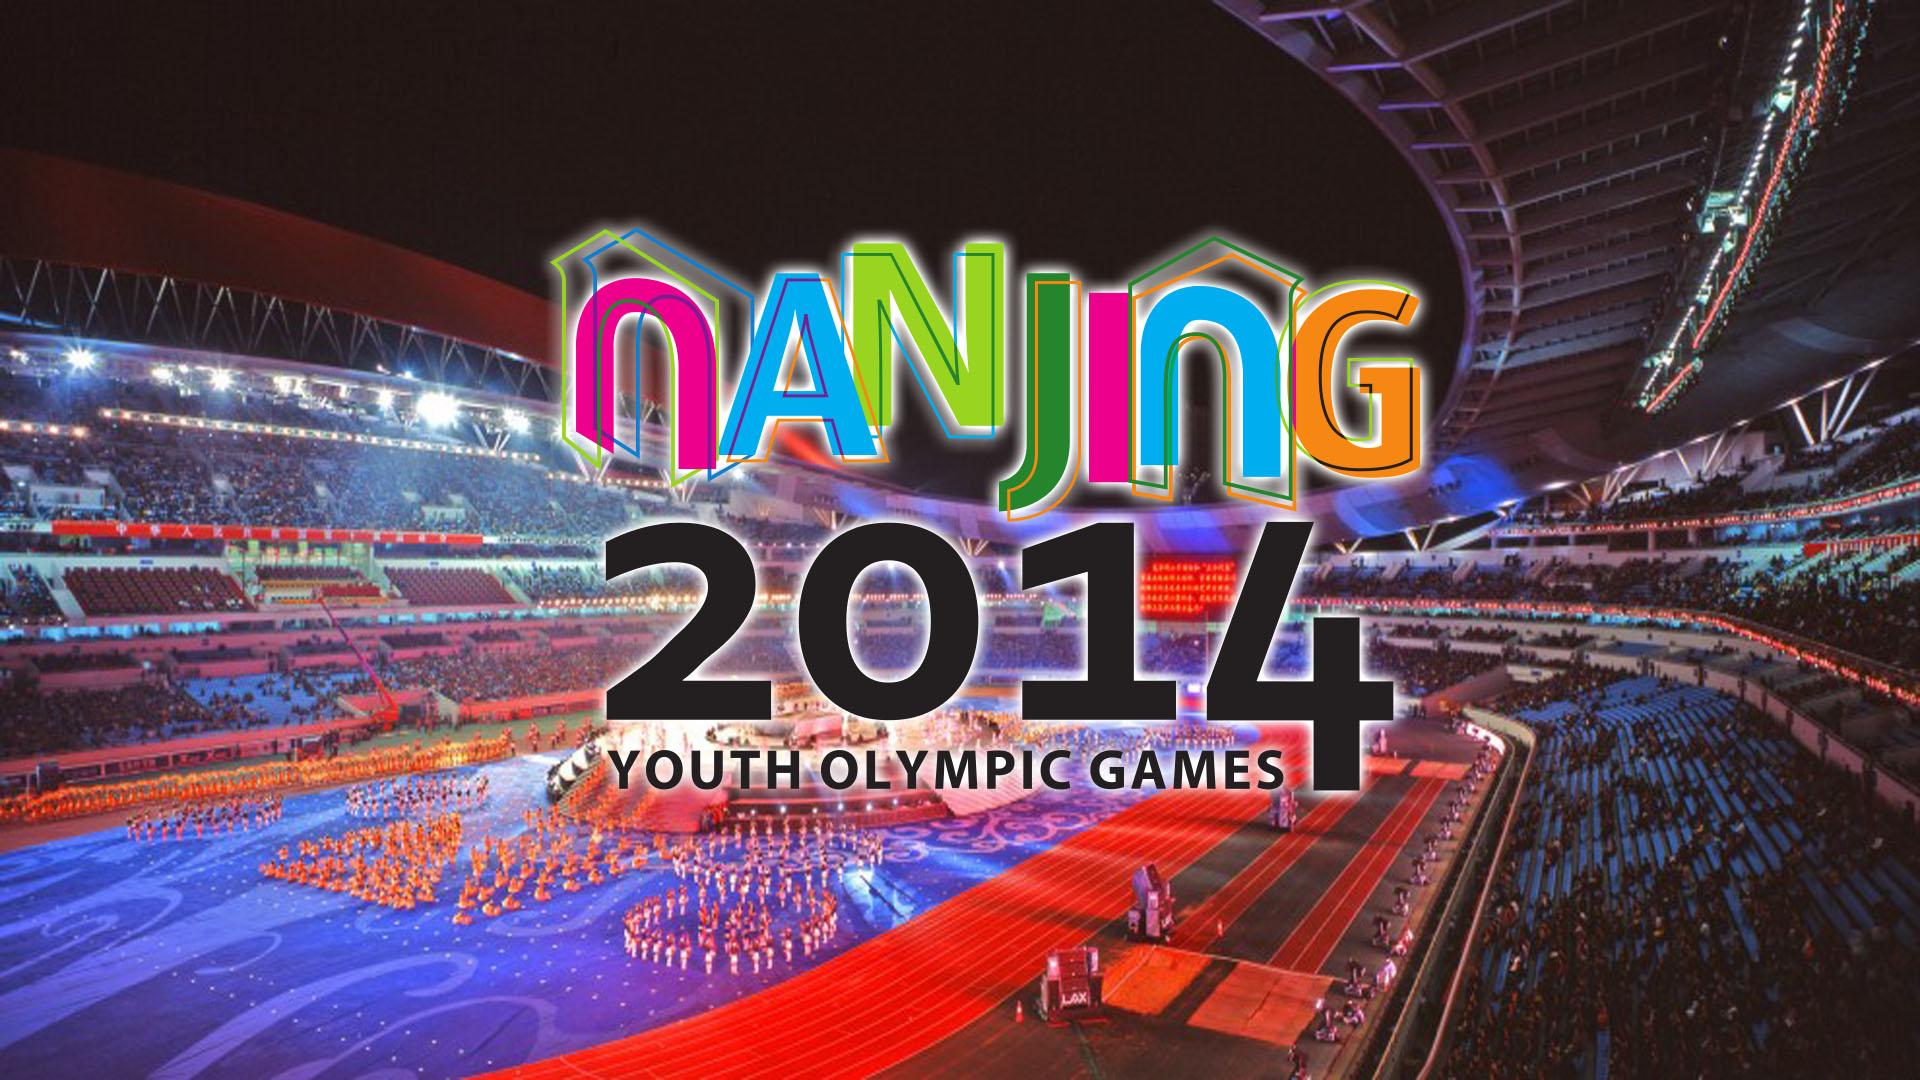 nanjing-youth-olympics-2014.jpg